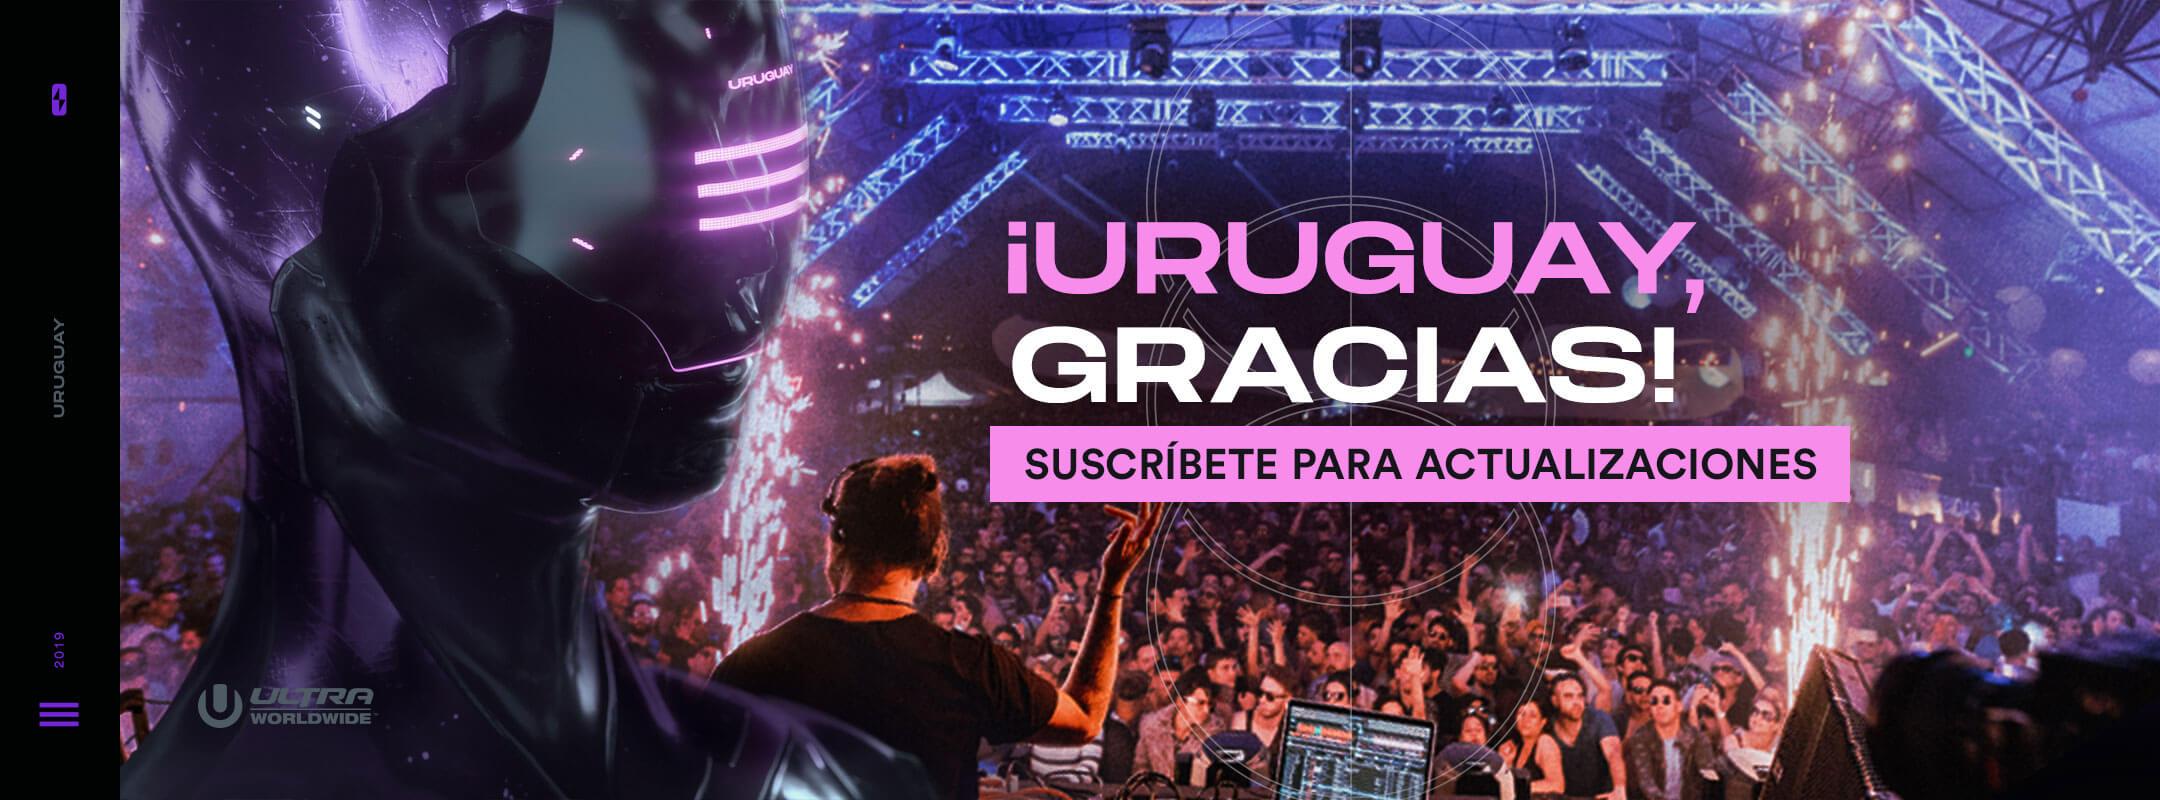 Recibe actualizaciones de  RESISTANCE Uruguay